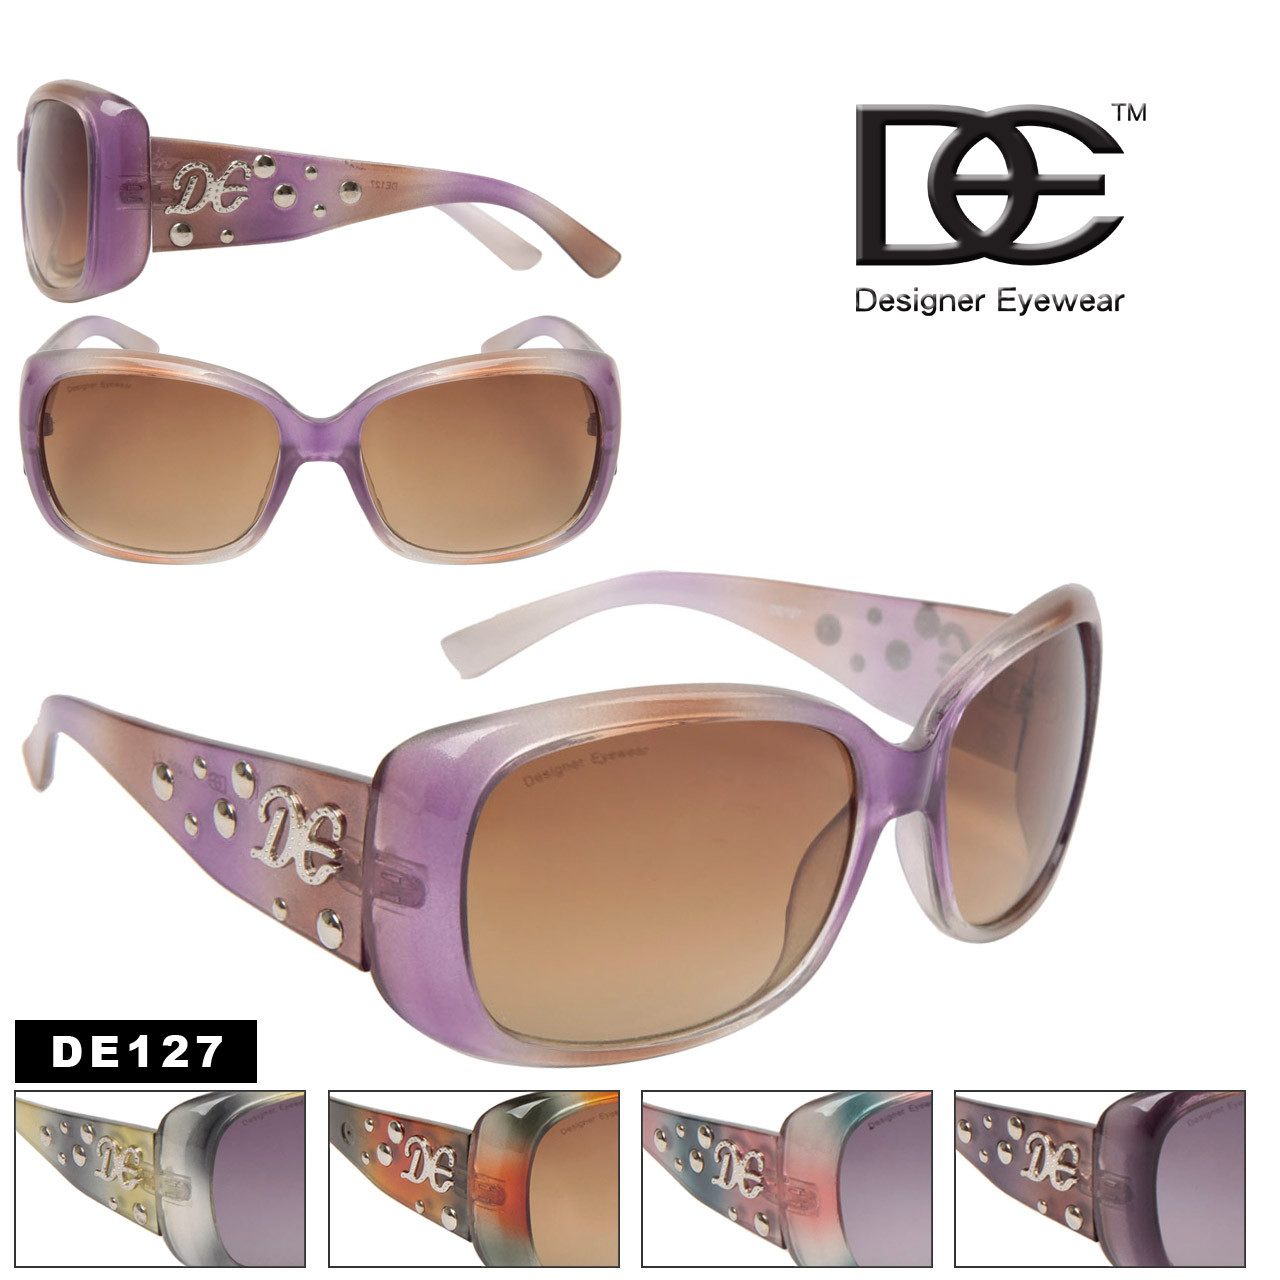 DE127 Designer Sunglasses for Ladies